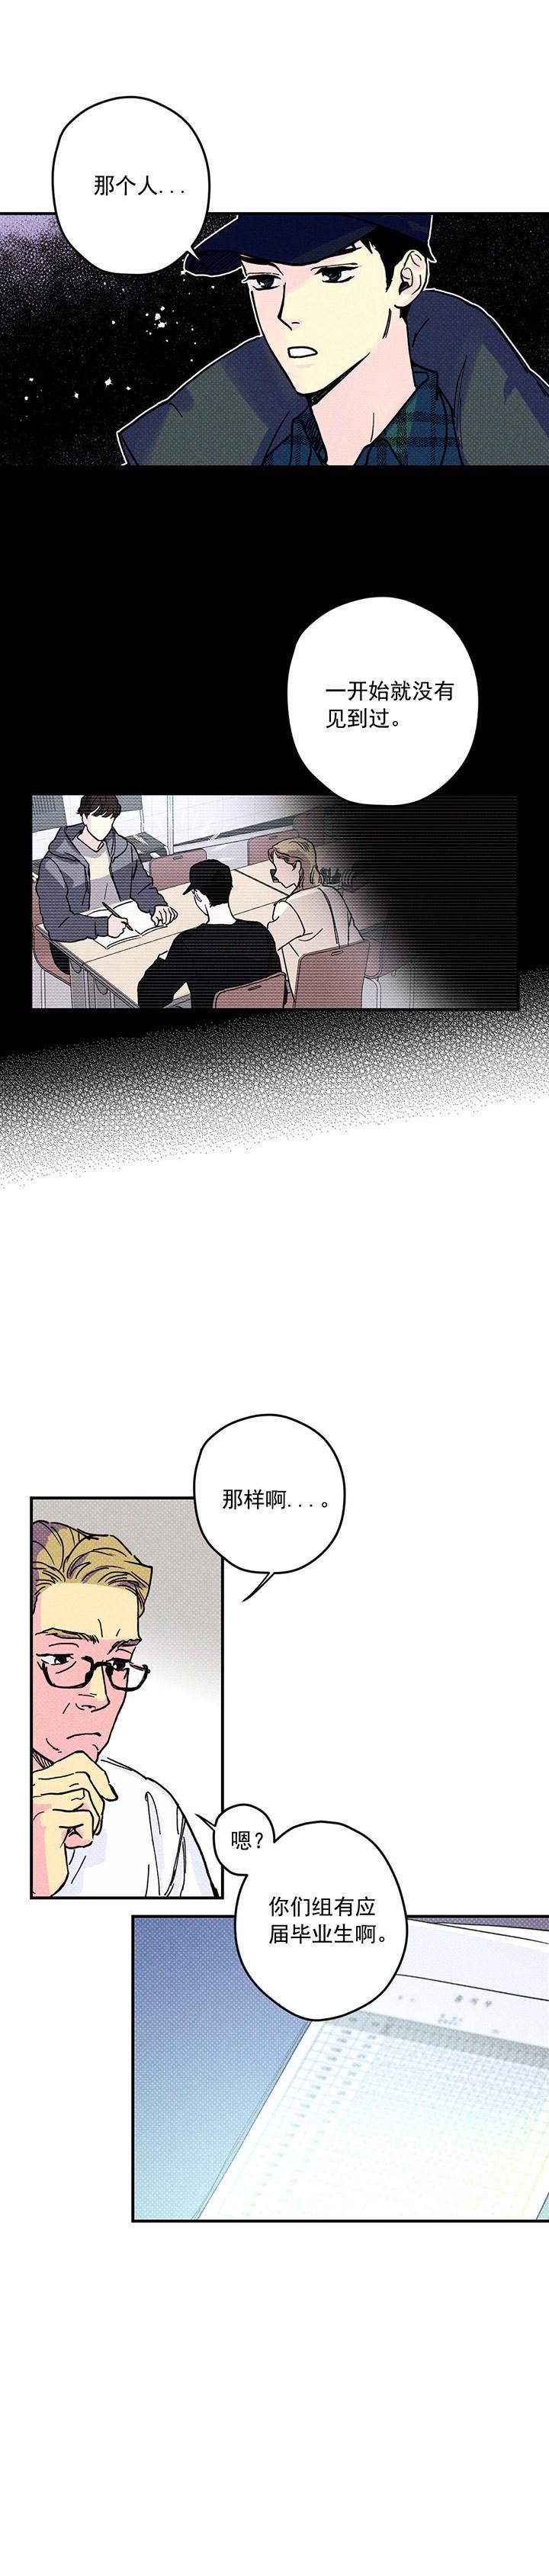 《校草是我死对头》漫画免费全集,错误指令在线观看  第7张